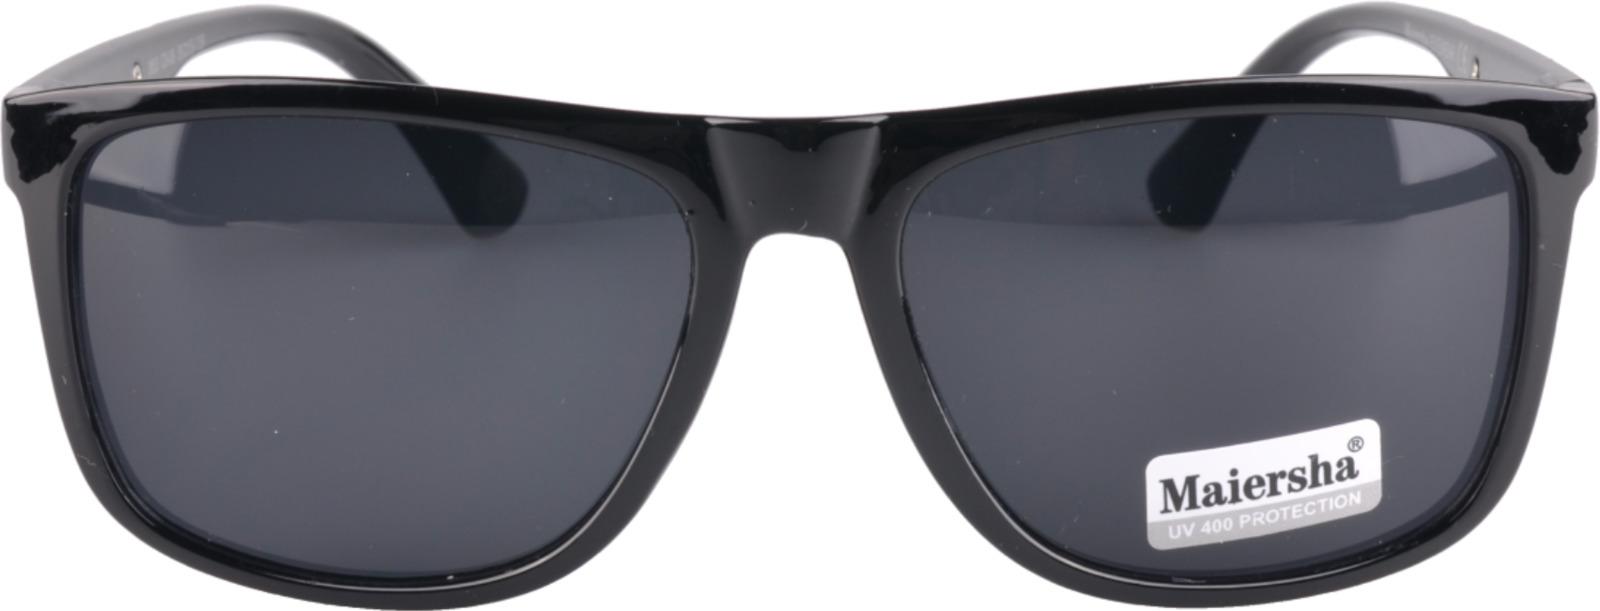 Очки солнцезащитные мужские Maiersha, 3833 С9-08, черный